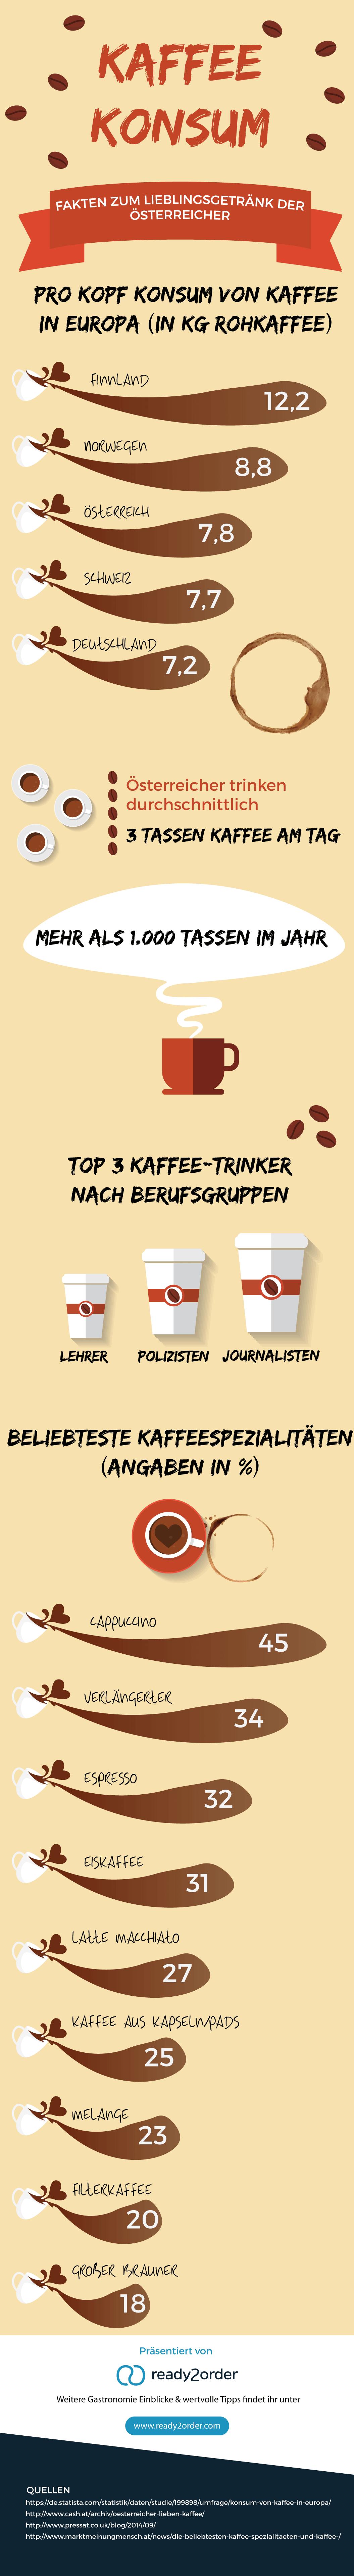 Infografik Kaffekonsum in Österreich